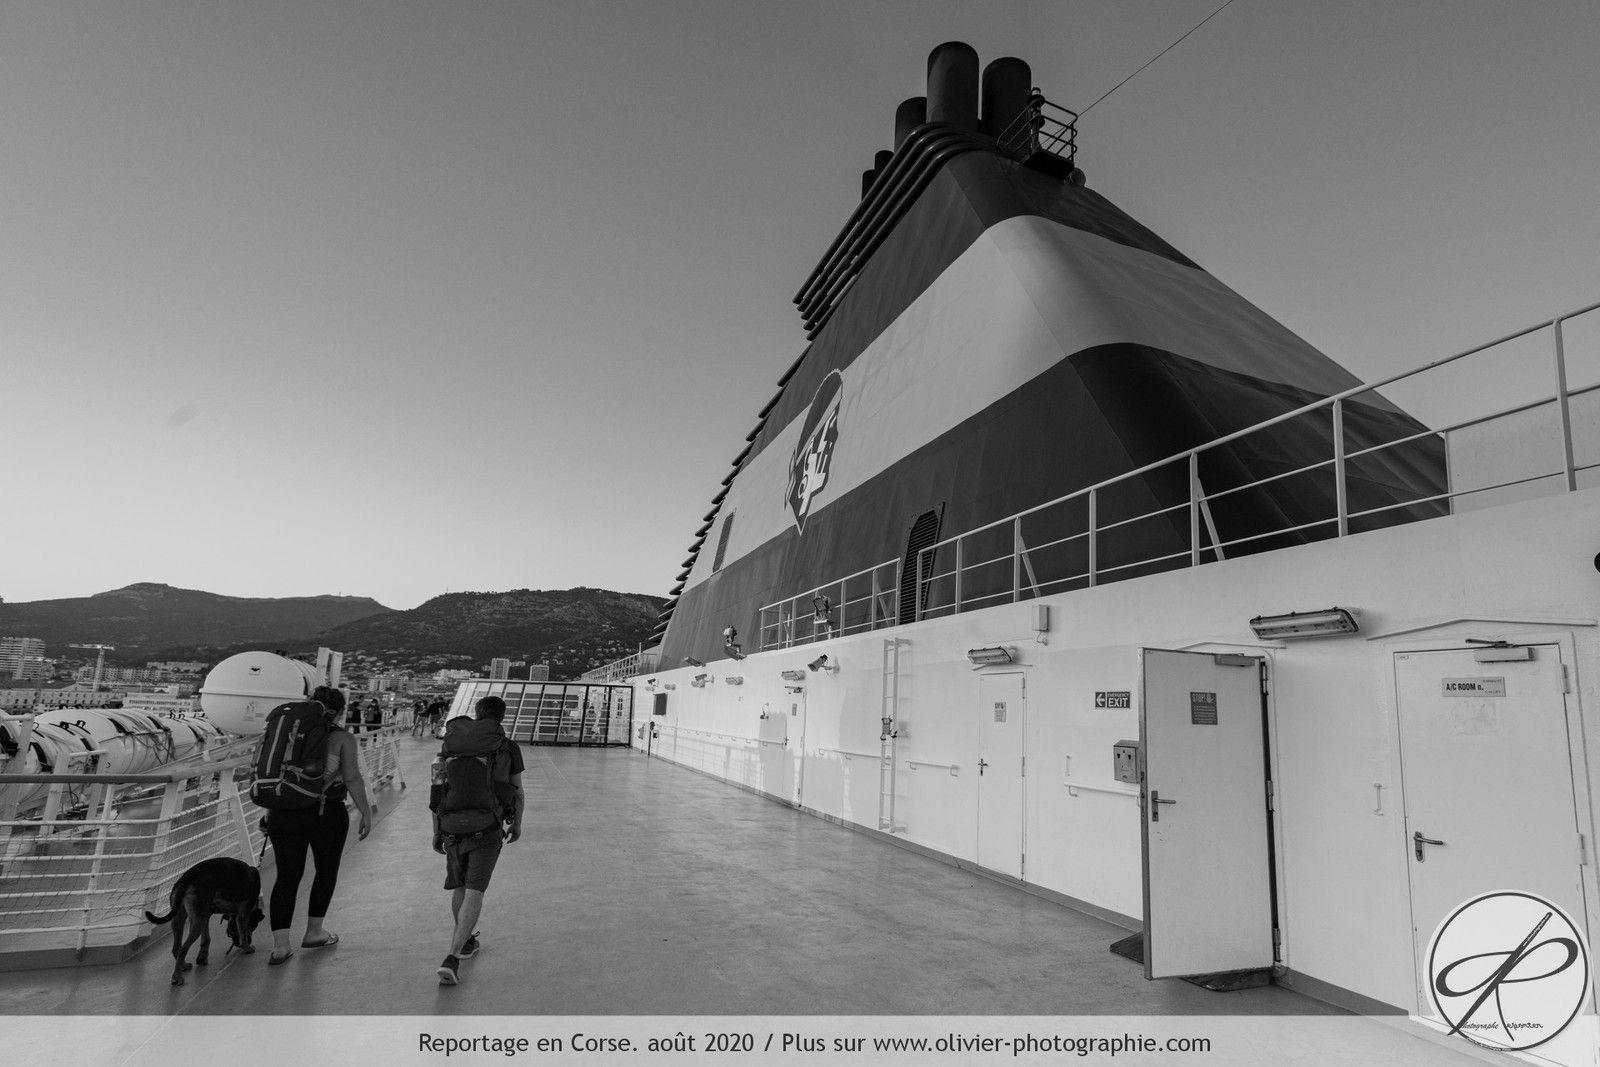 Le ferry est pensé pour les personnes ayant un animal de compagnie. Beaucoup de personnes peuvent donc voyager tranquillement avec leurs chiens et chats. Cela fait partie des initiatives permettant de limiter les abandons